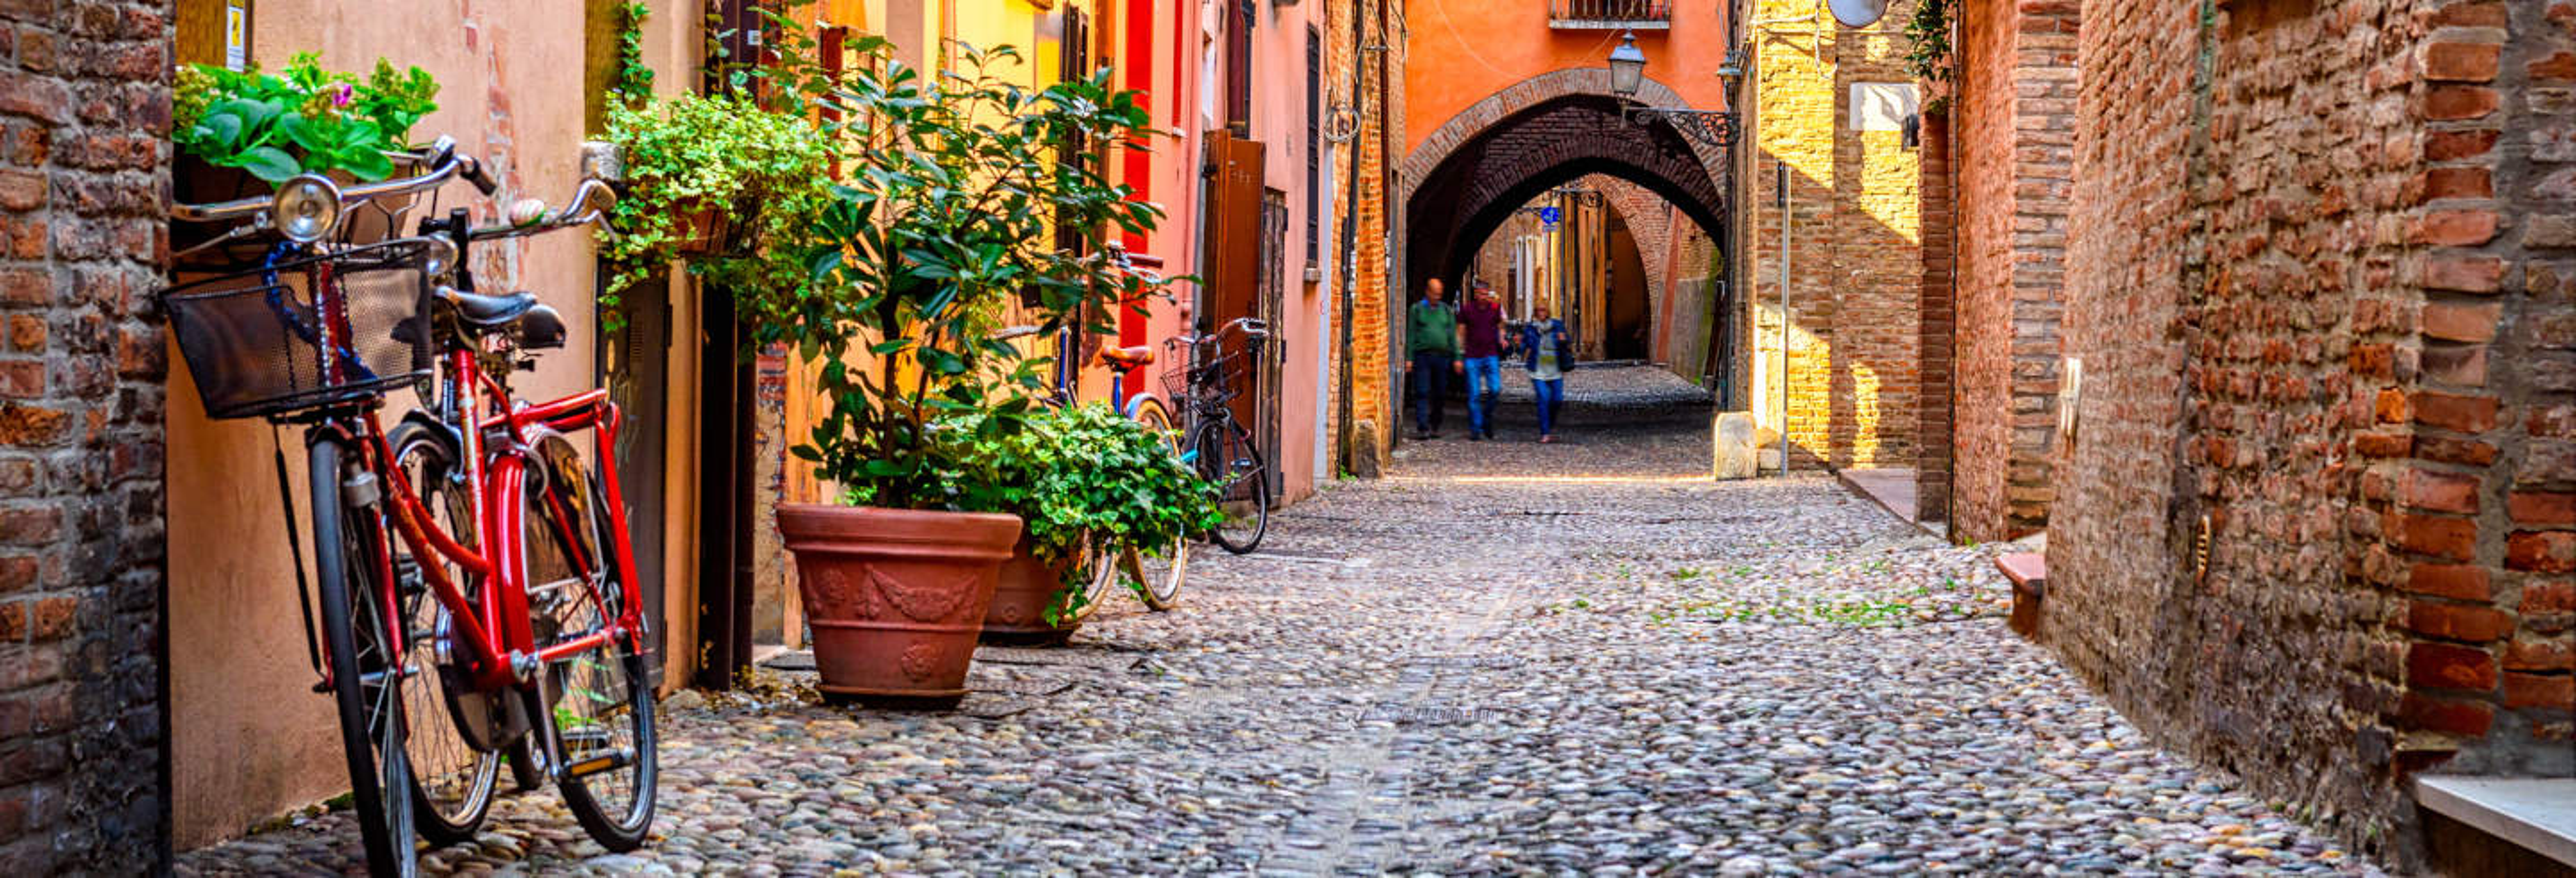 Tour di Ferrara in bicicletta